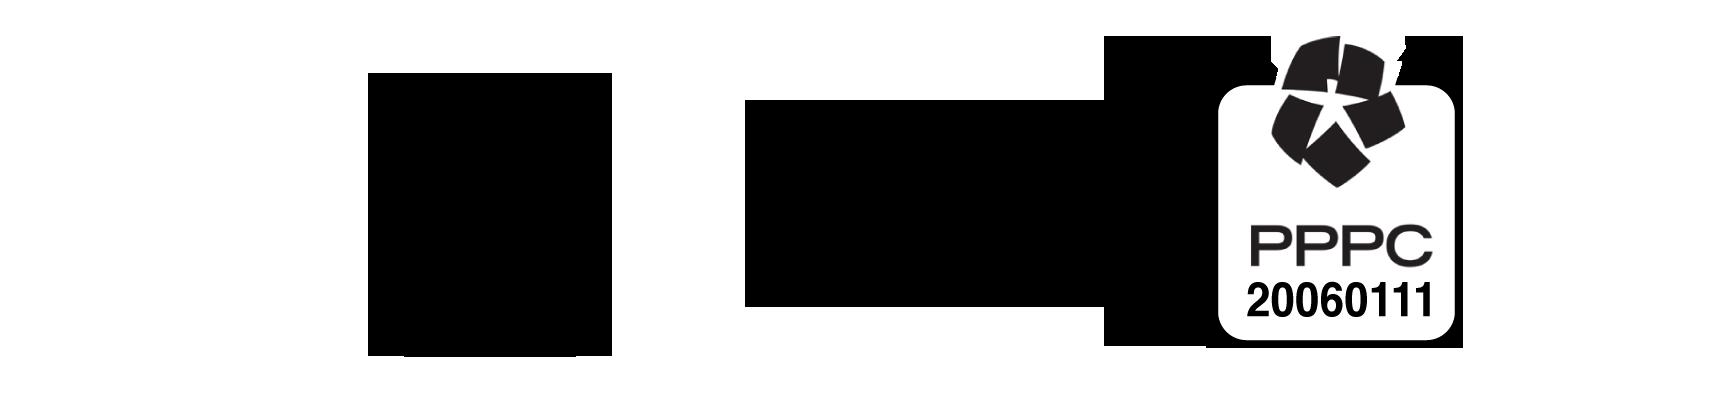 Accredited_members_logos